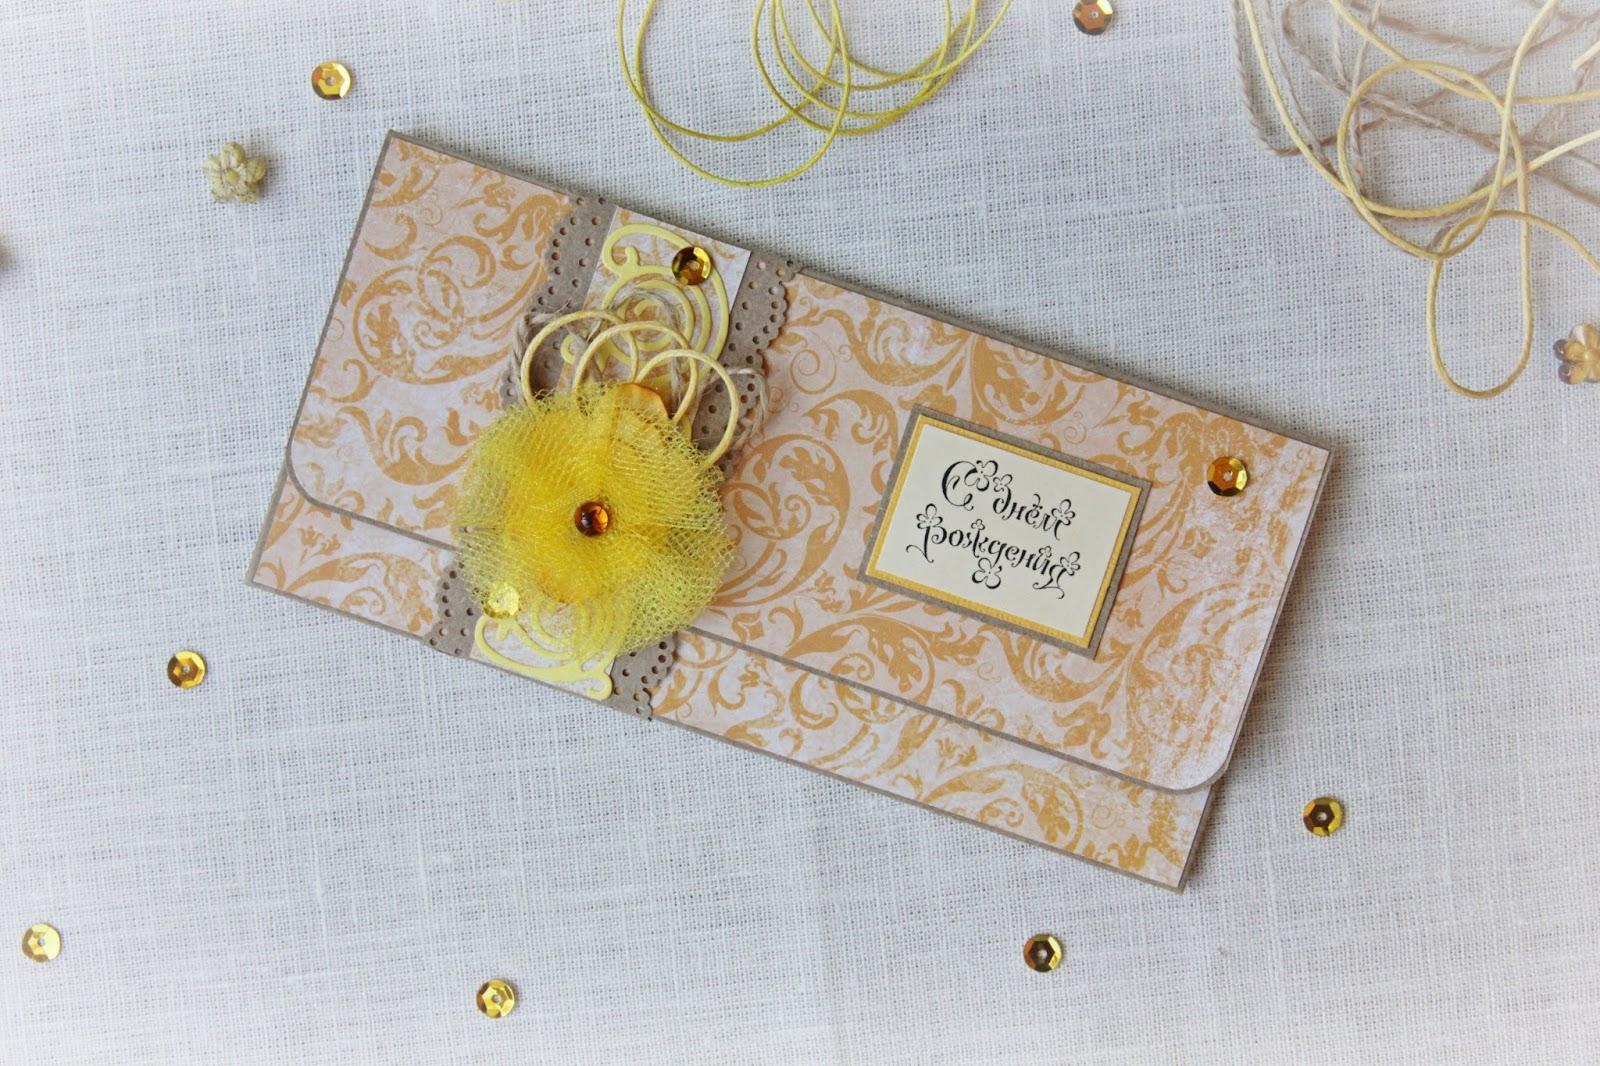 Поздравление, открытки классические